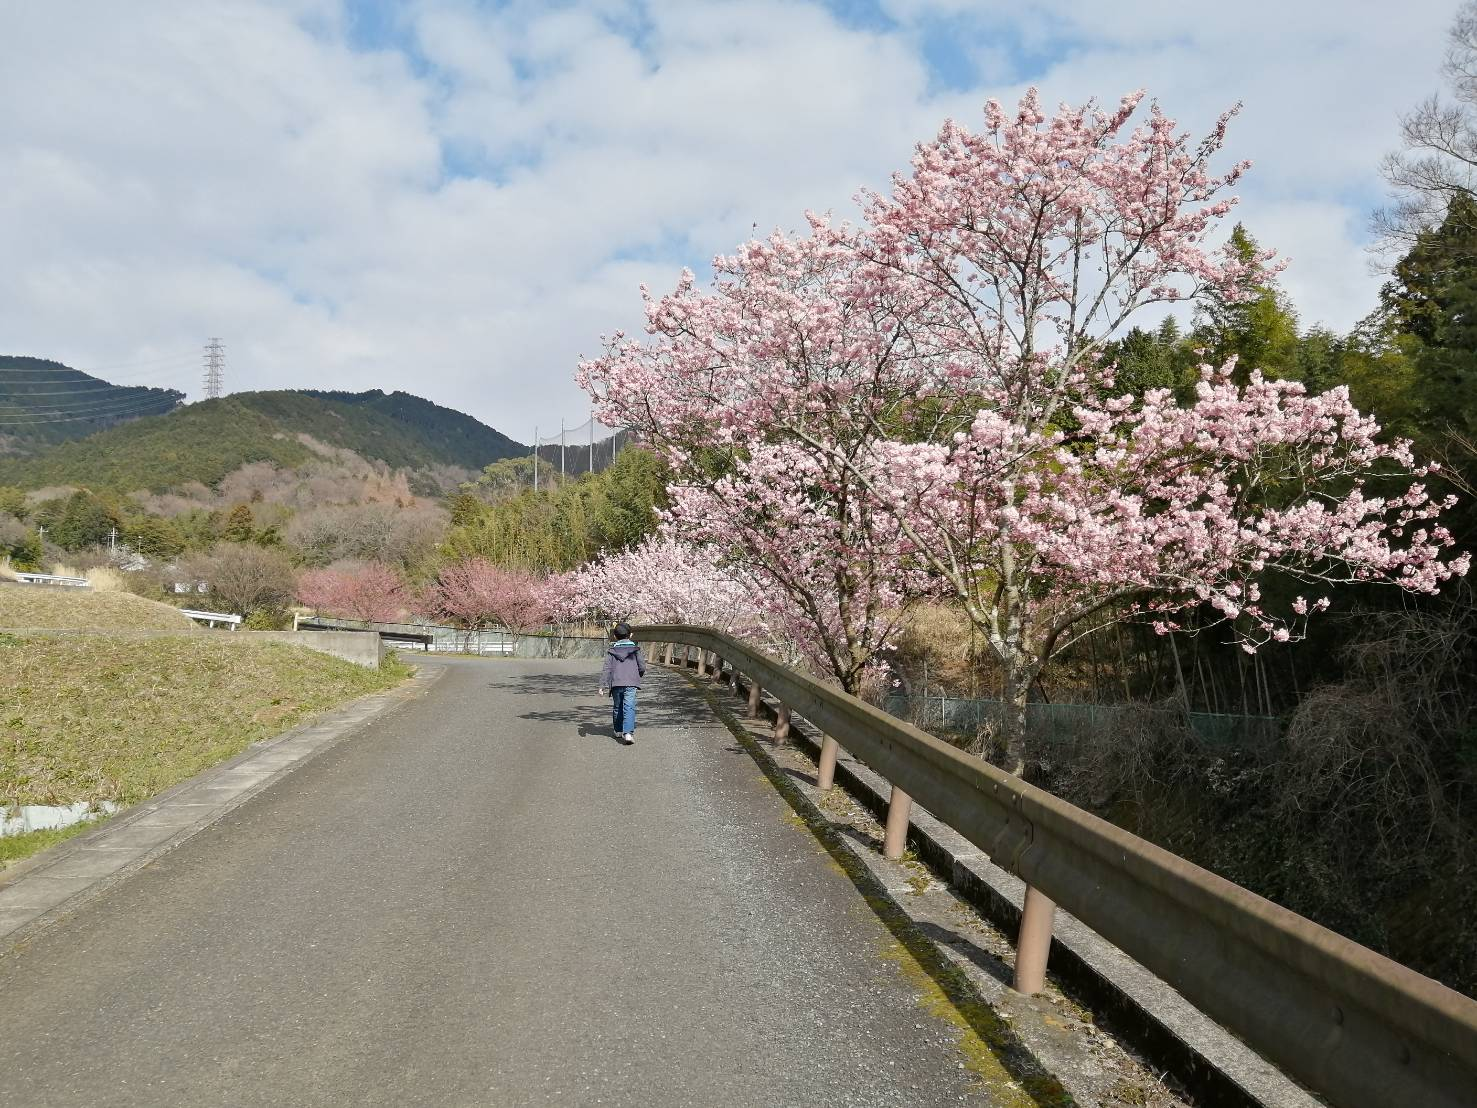 秦野・中丸沢の早咲き種「春めき桜」  夜はライトアップも